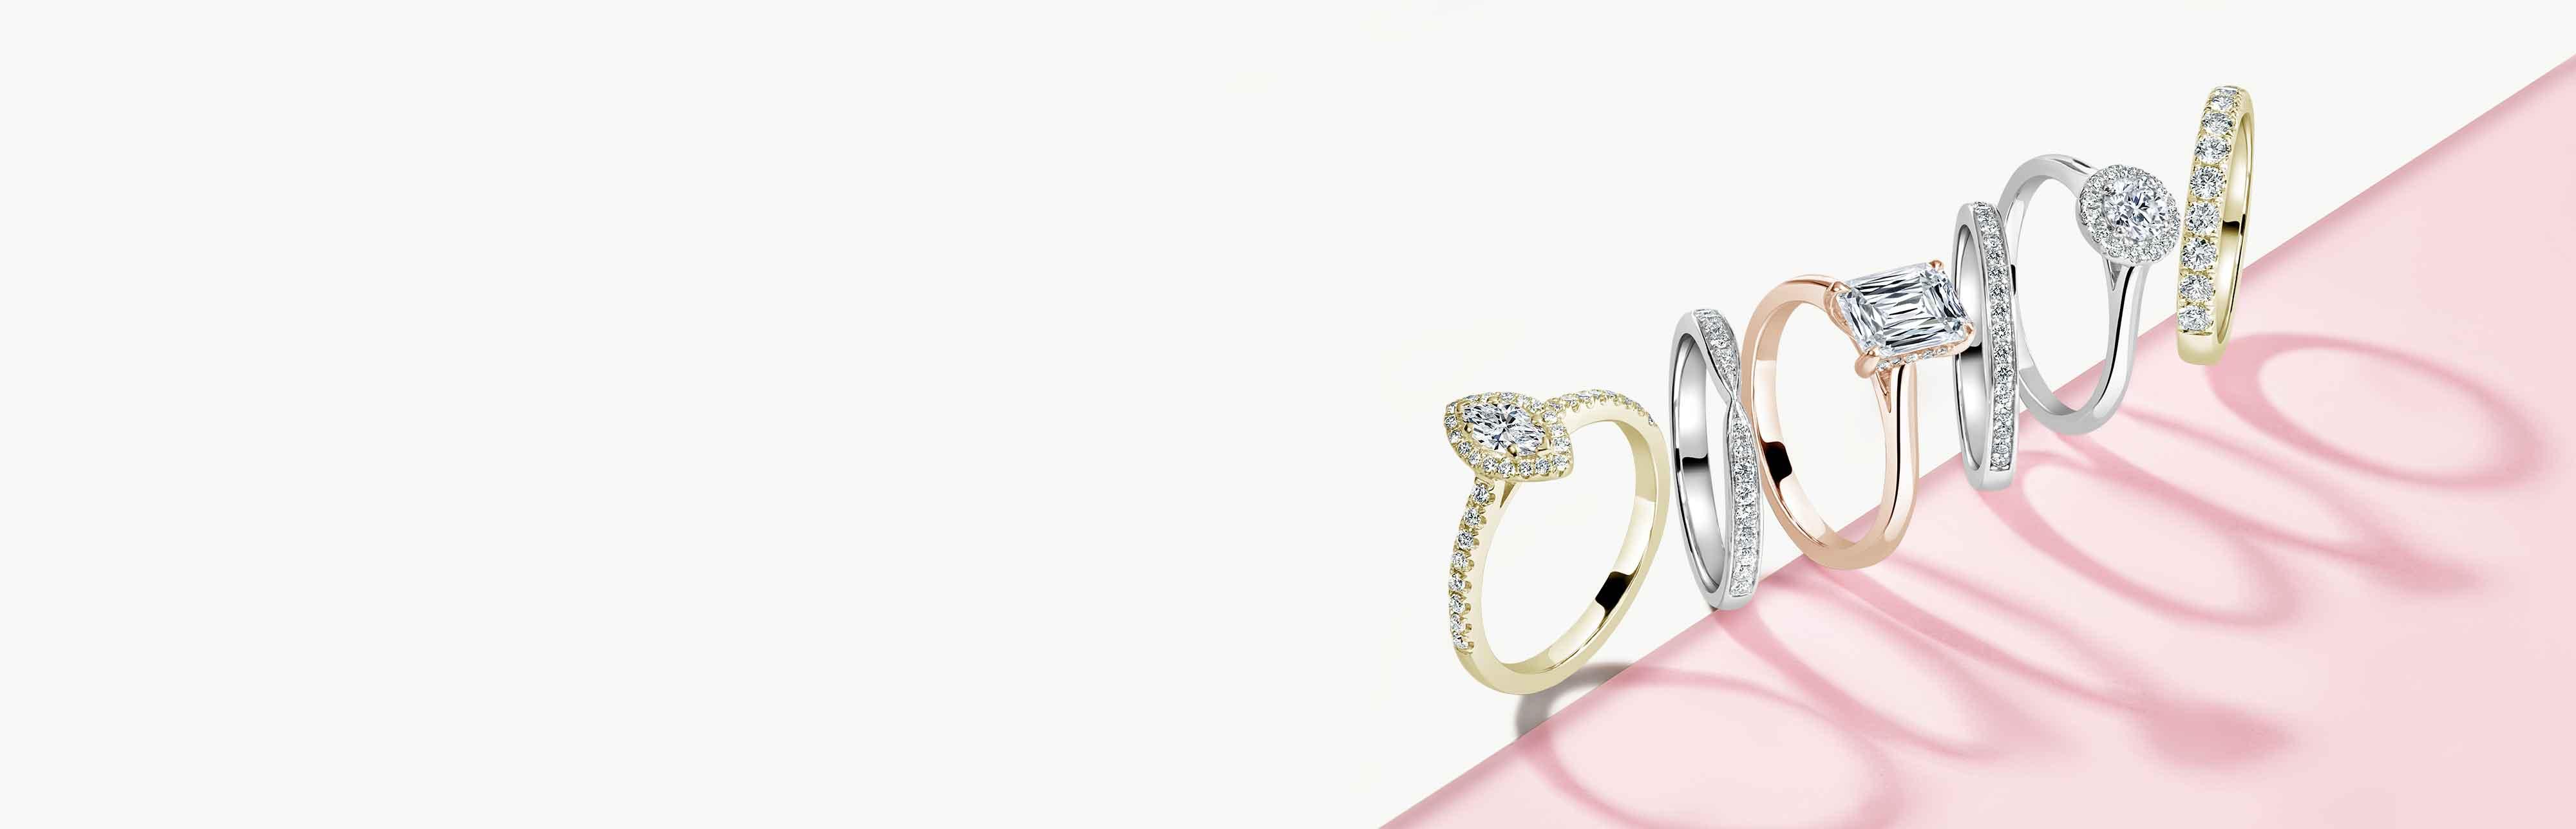 White Gold Heart Shaped Engagement Rings - Steven Stone